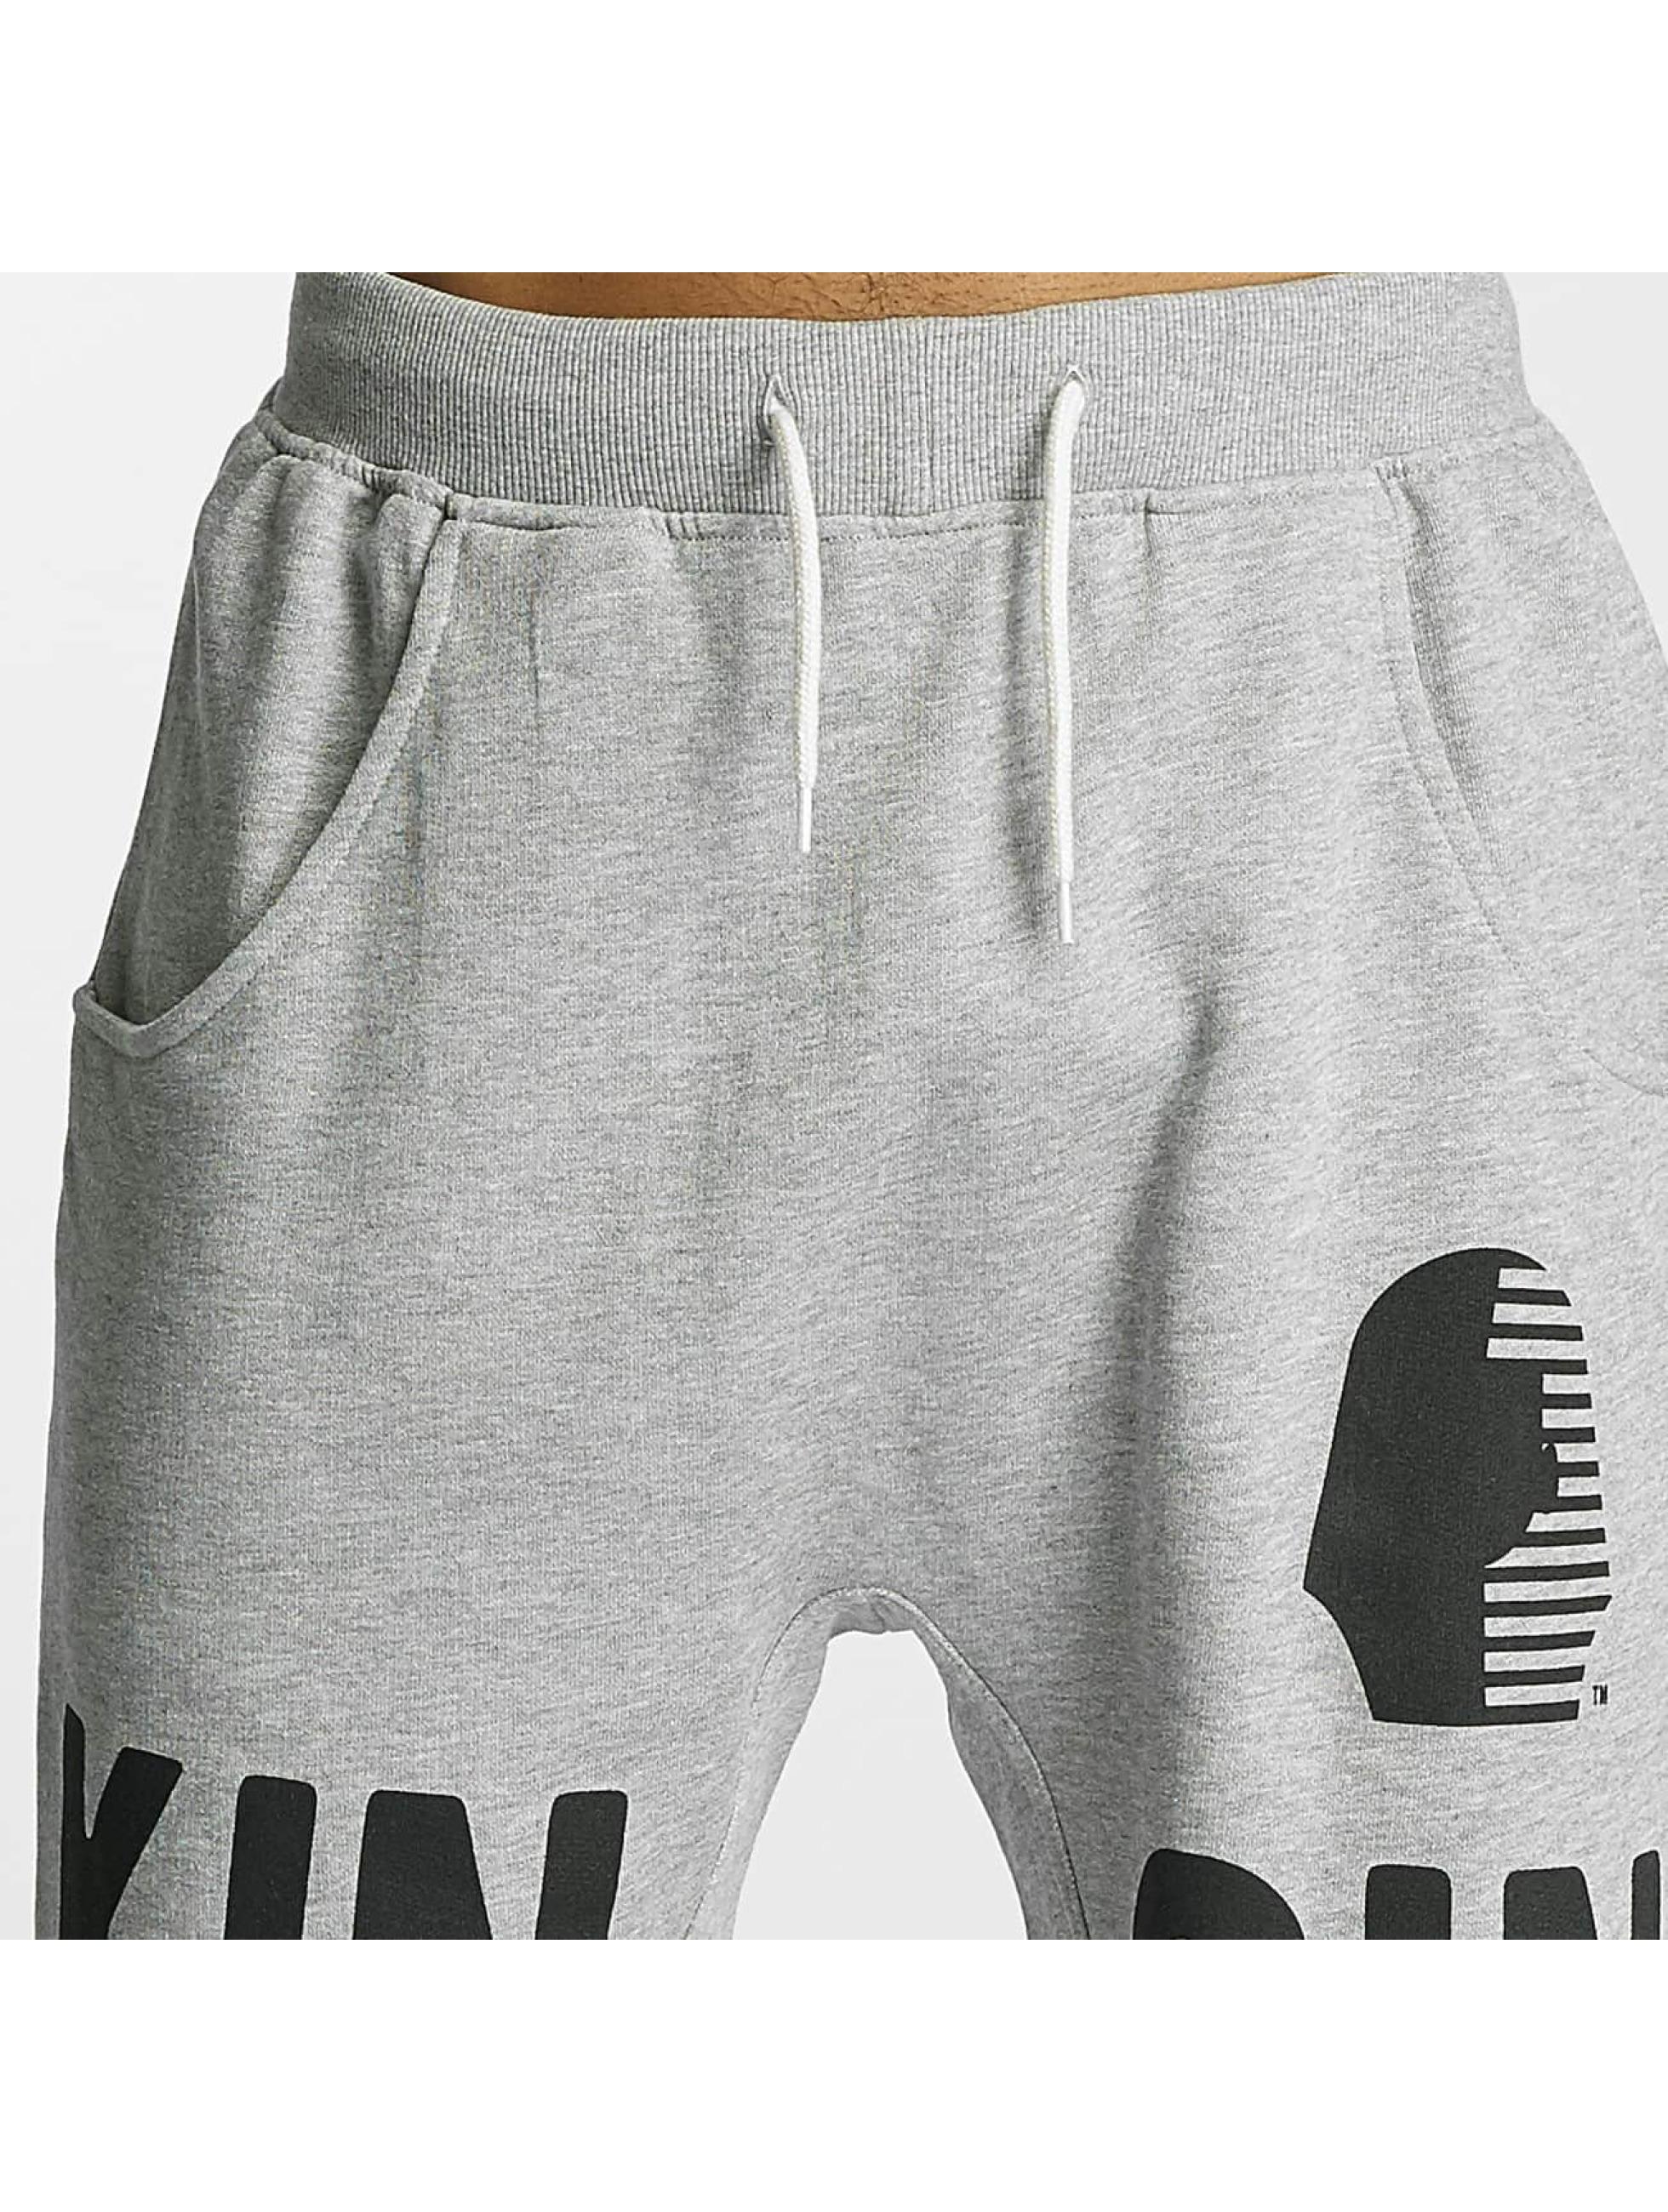 Kingin Pantalón cortos Anubis gris